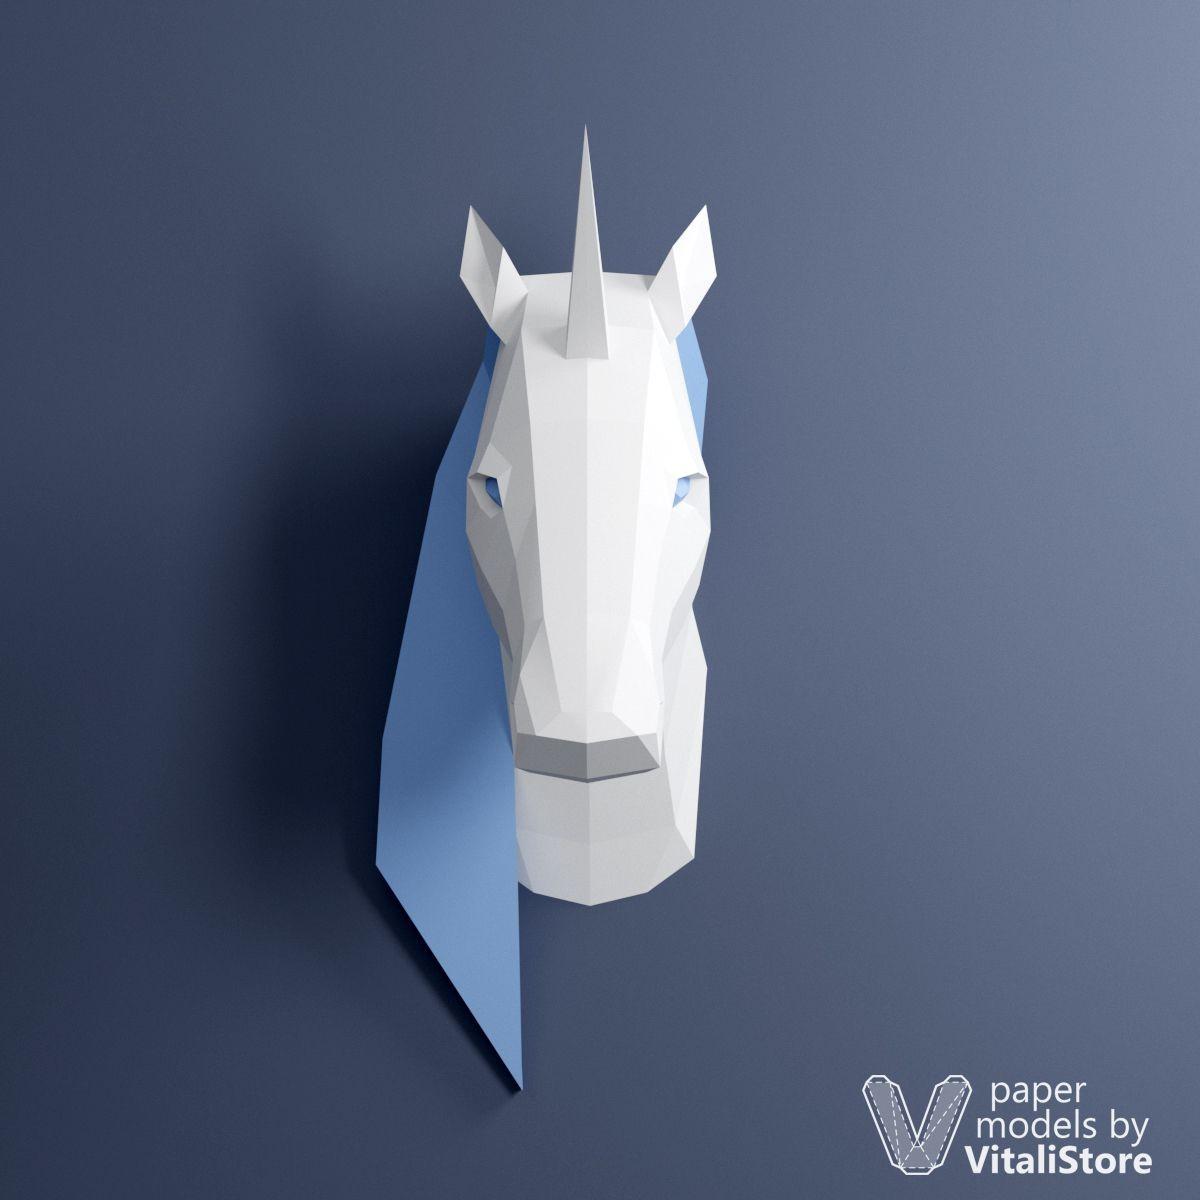 Papercraft Wolf Unicorn Papercraft 3d Paper Sculpture Wall Decor